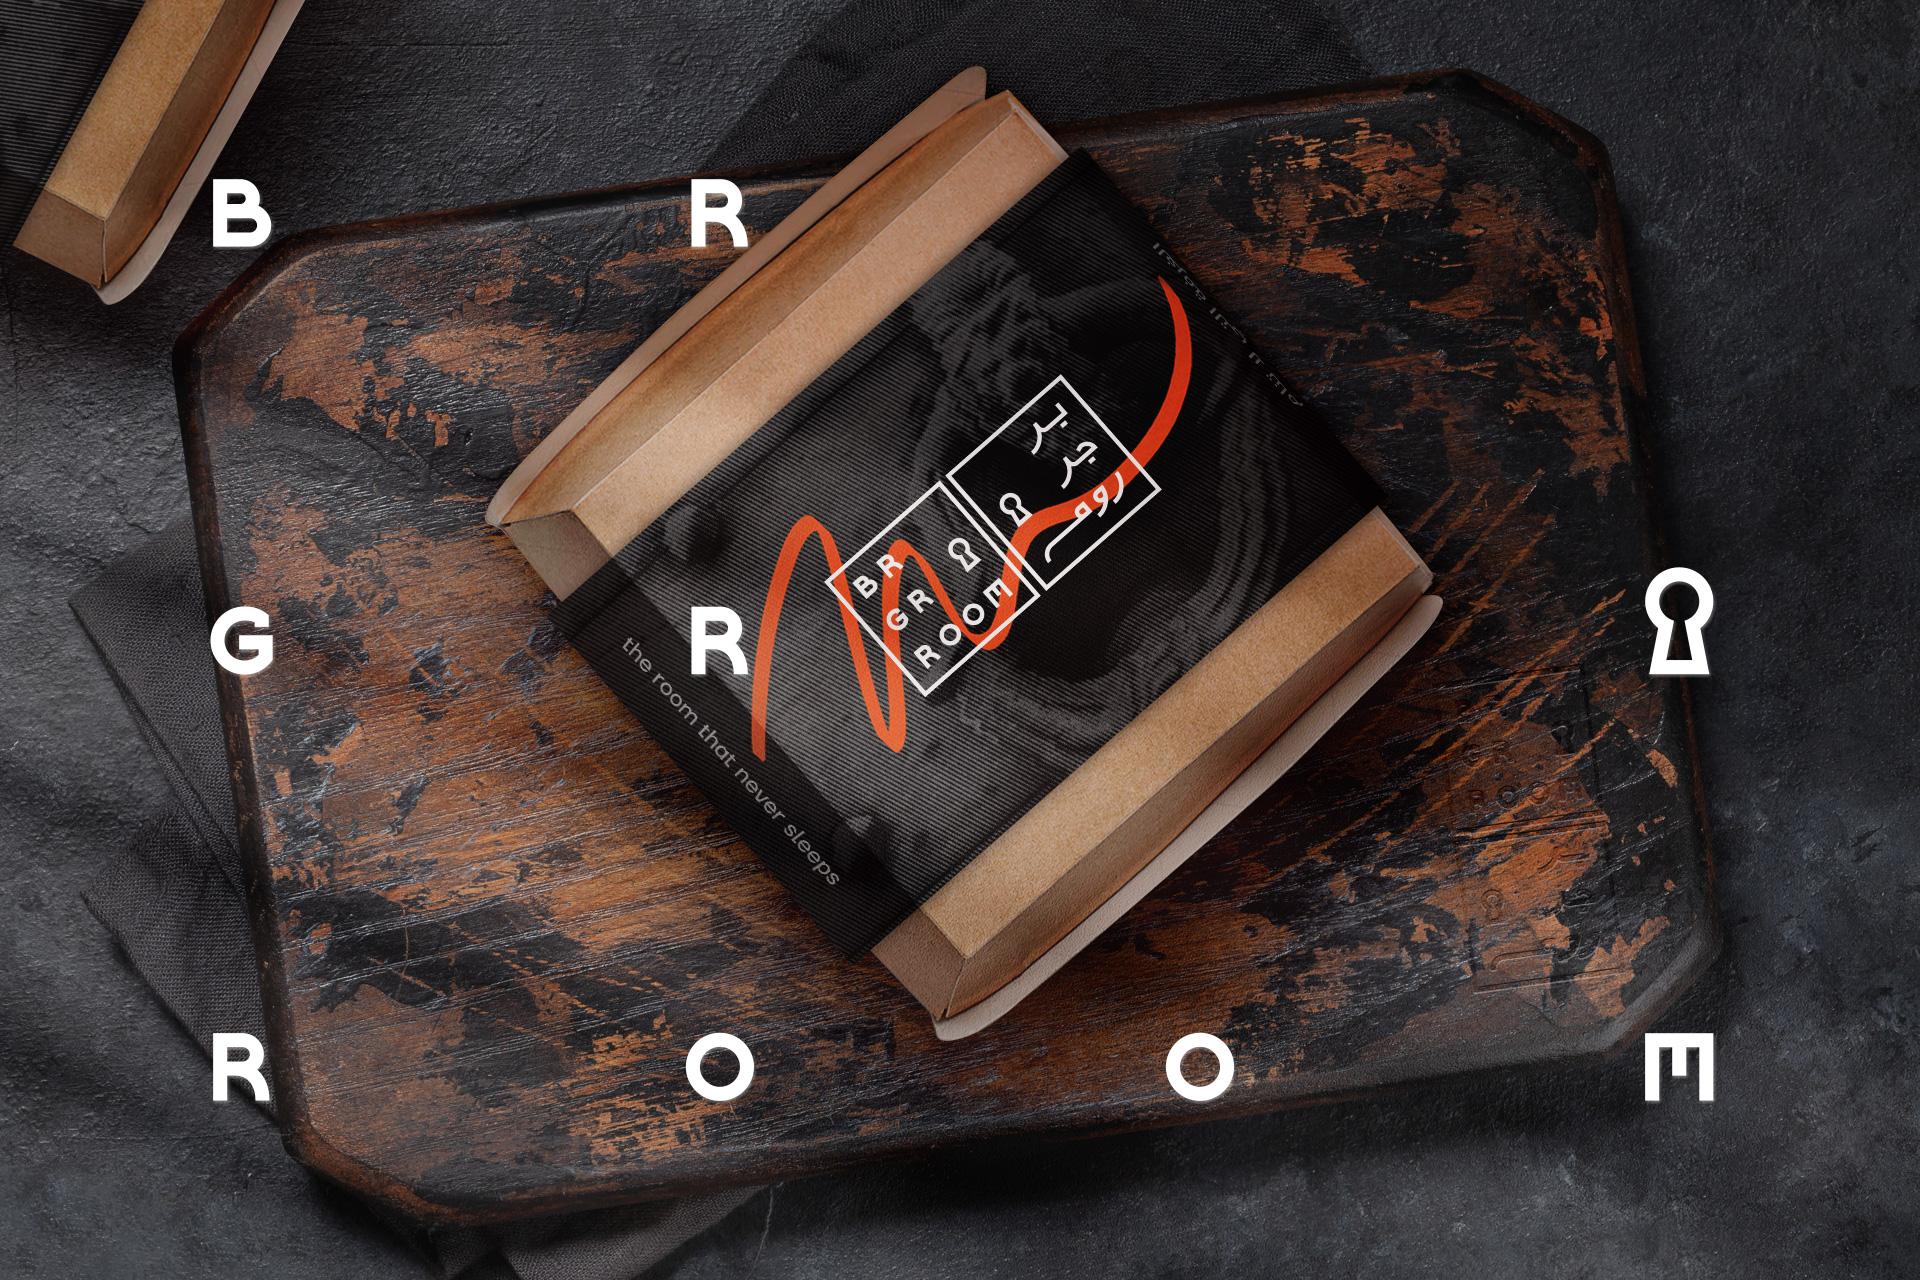 BRGR-002-brgr-box